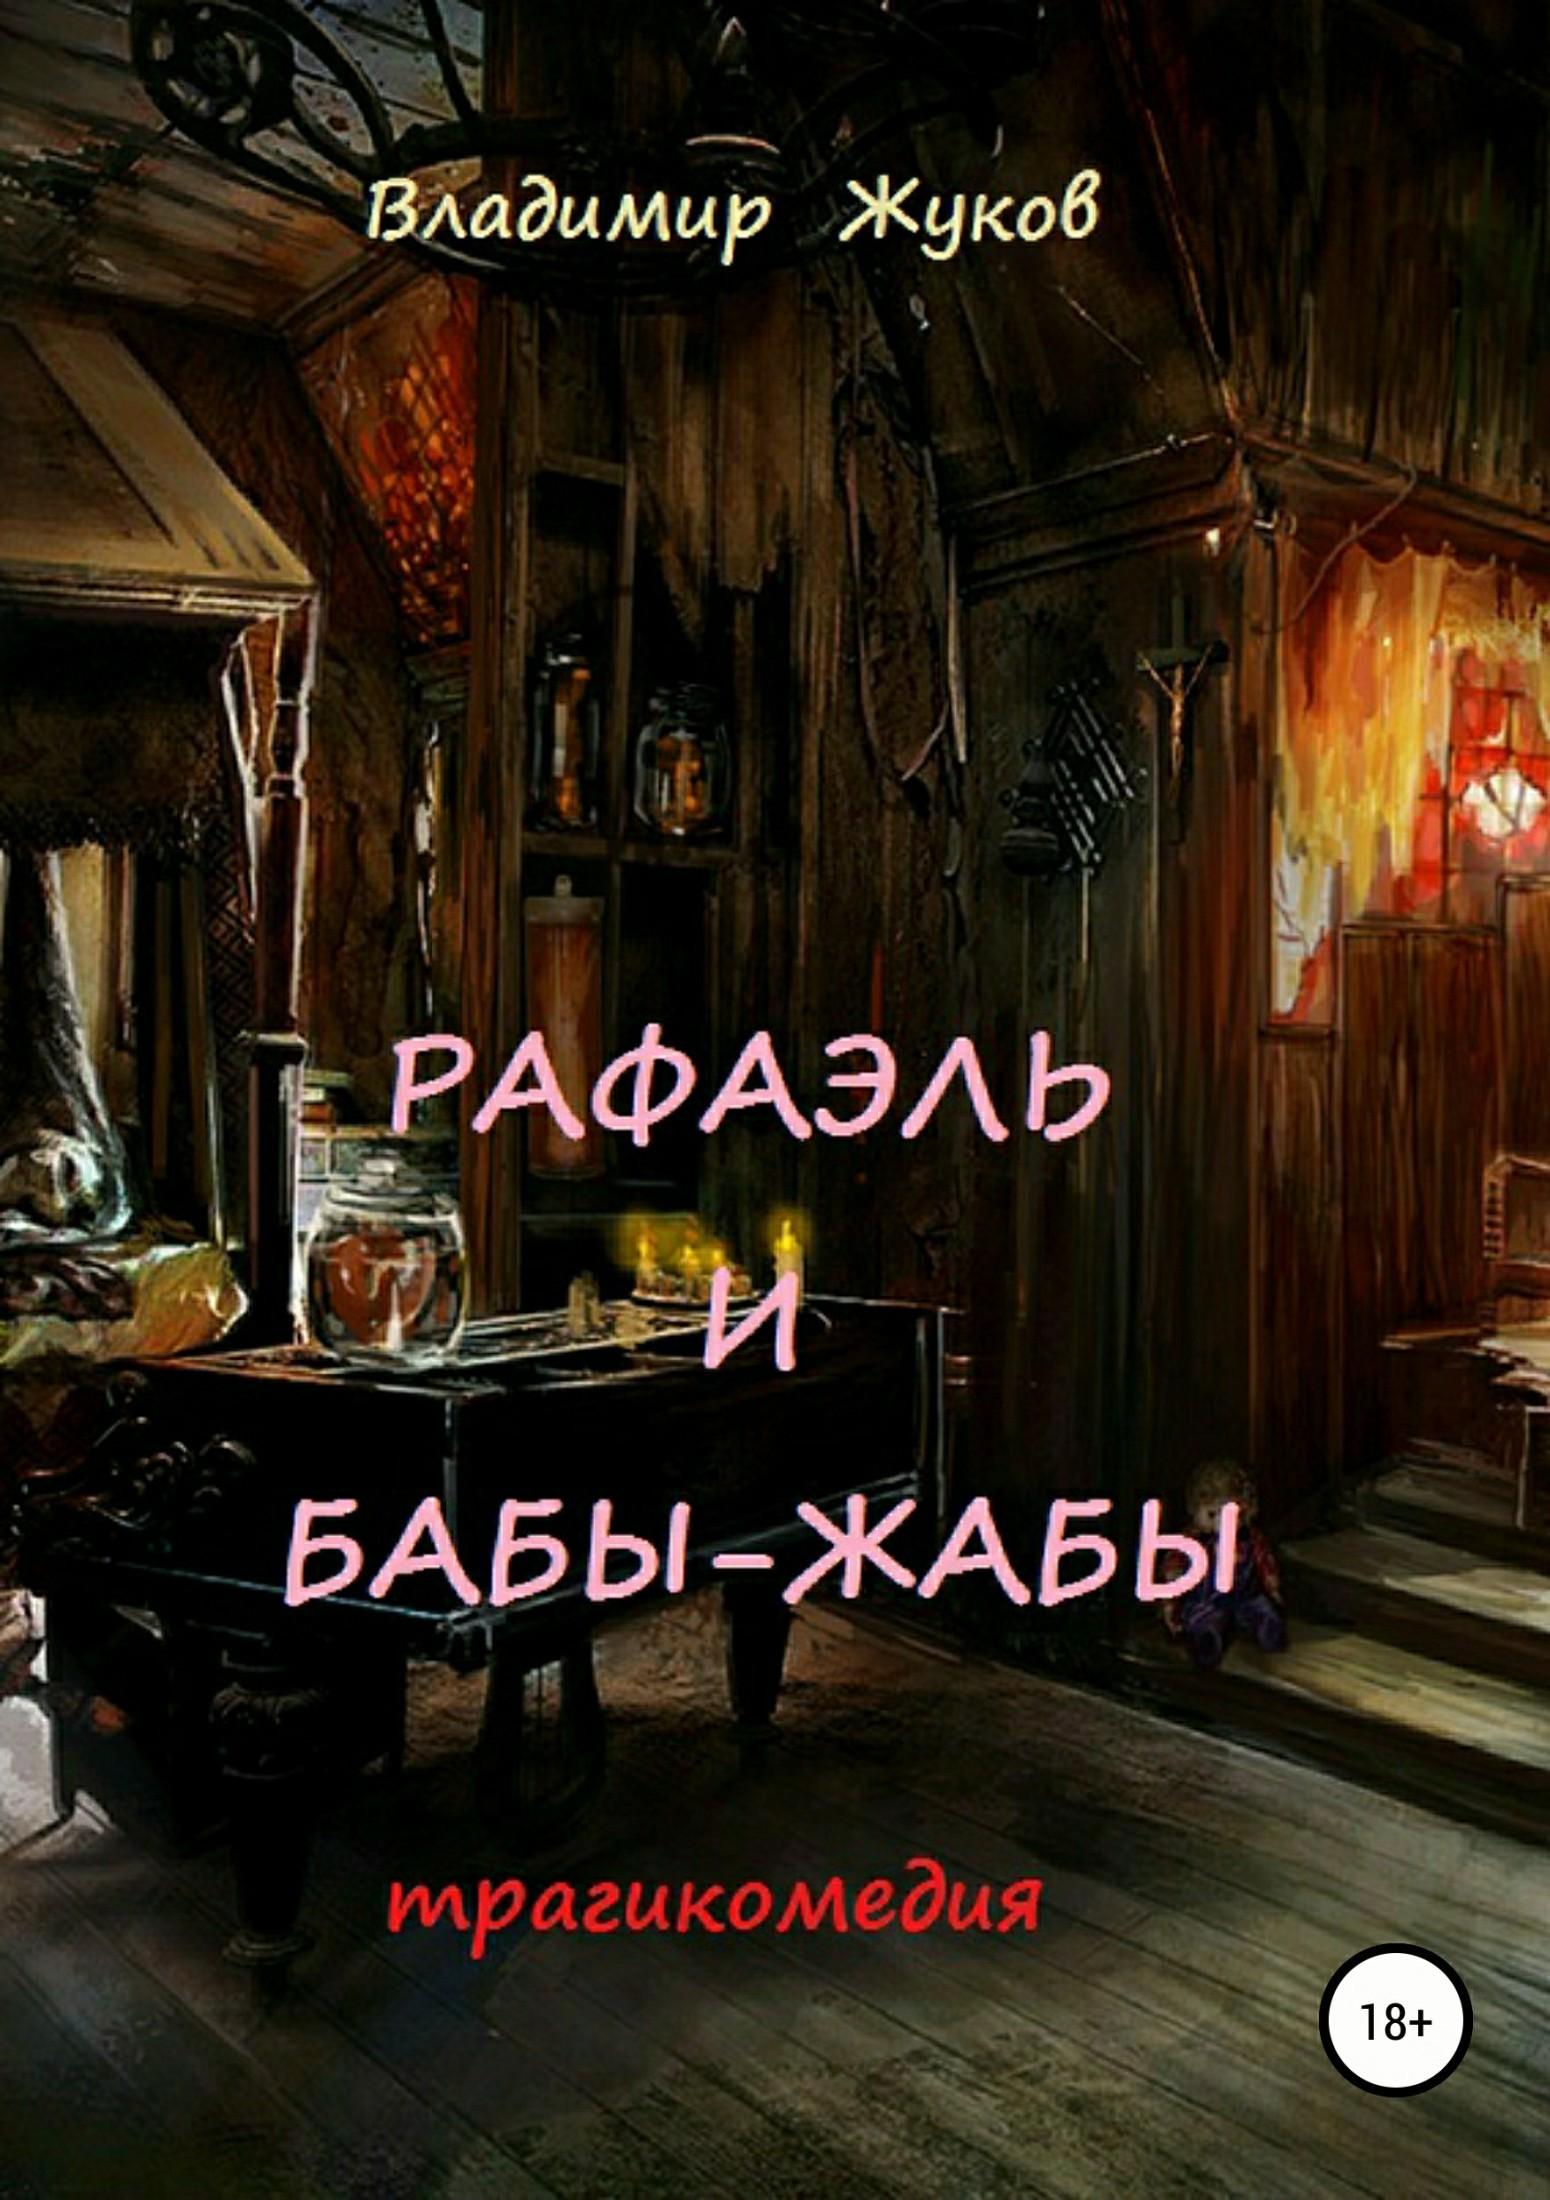 Владимир Александрович Жуков. Рафаэль и бабы-жабы